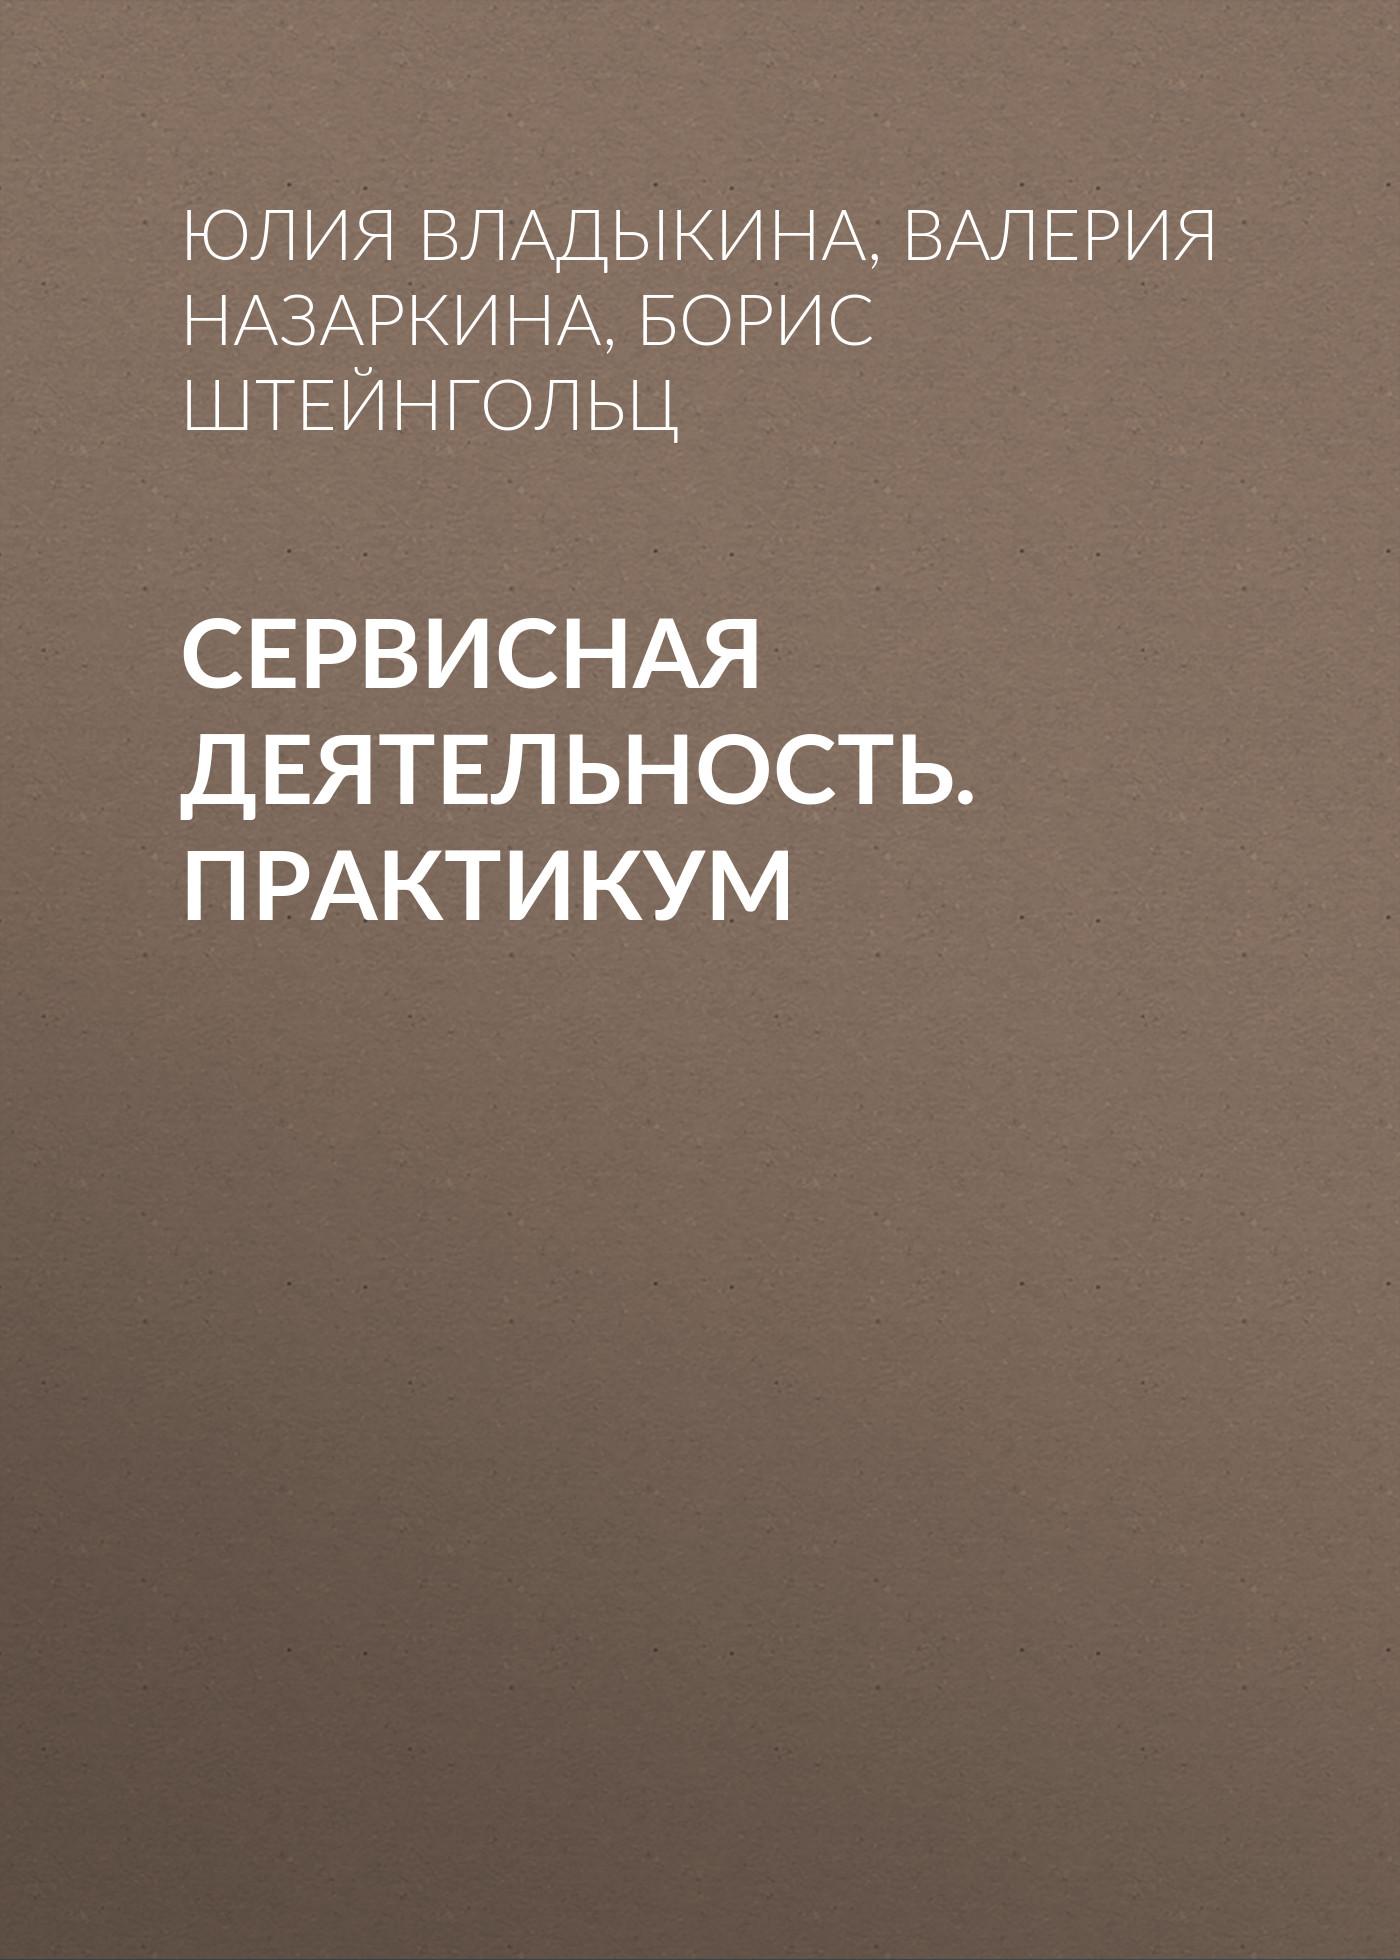 цена Юлия Владыкина Сервисная деятельность. Практикум